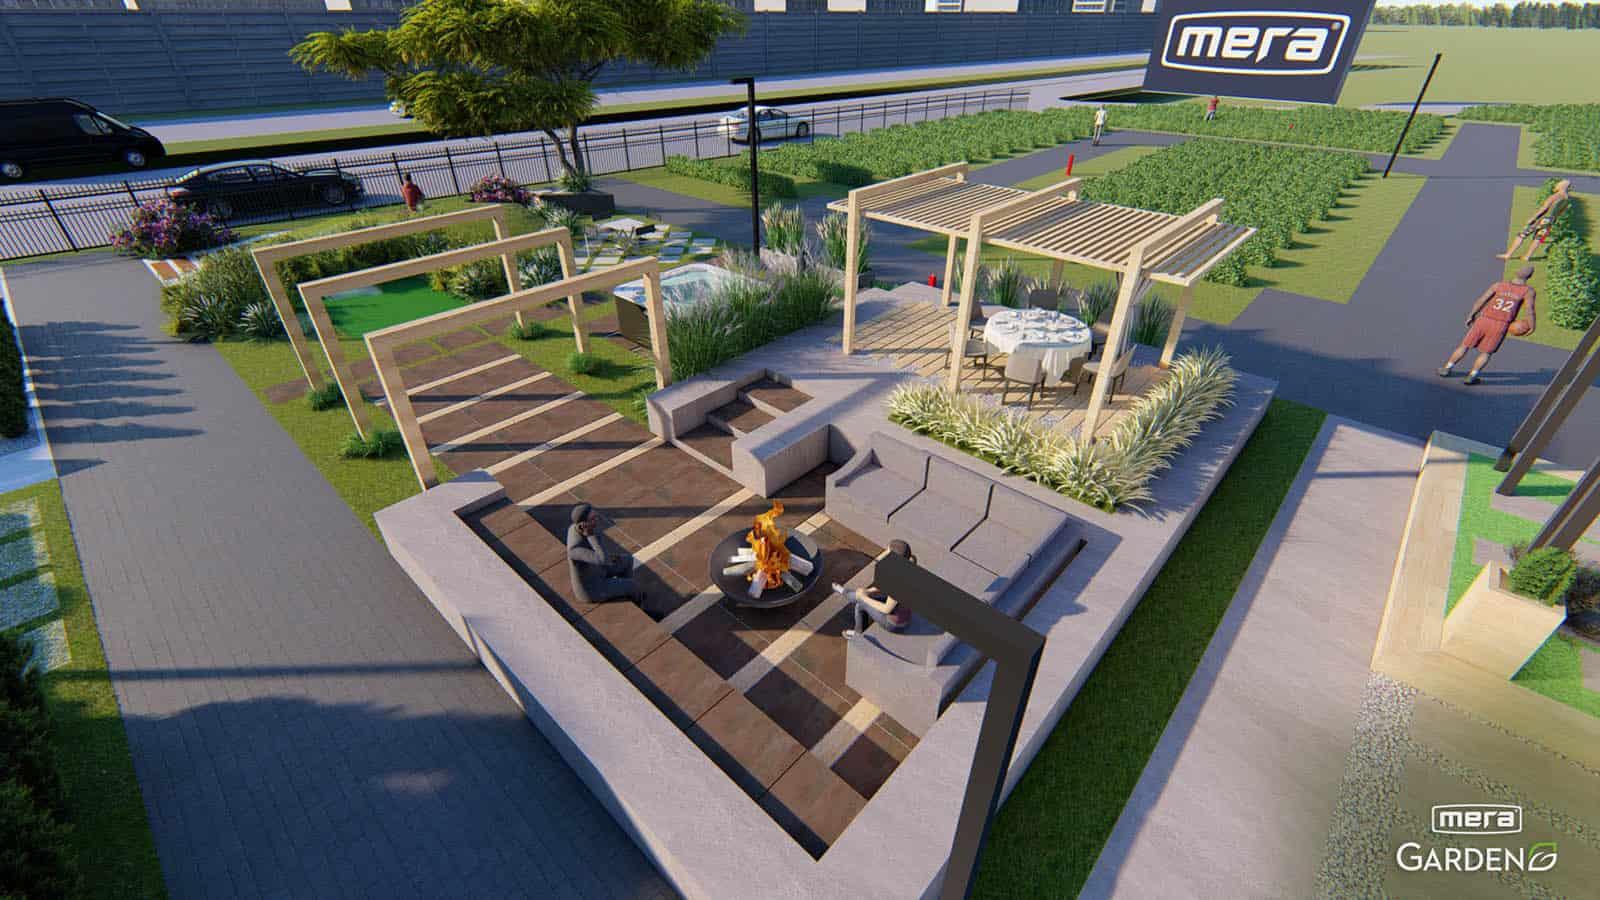 Meble ogrodowe Tychy (Mera Garden)